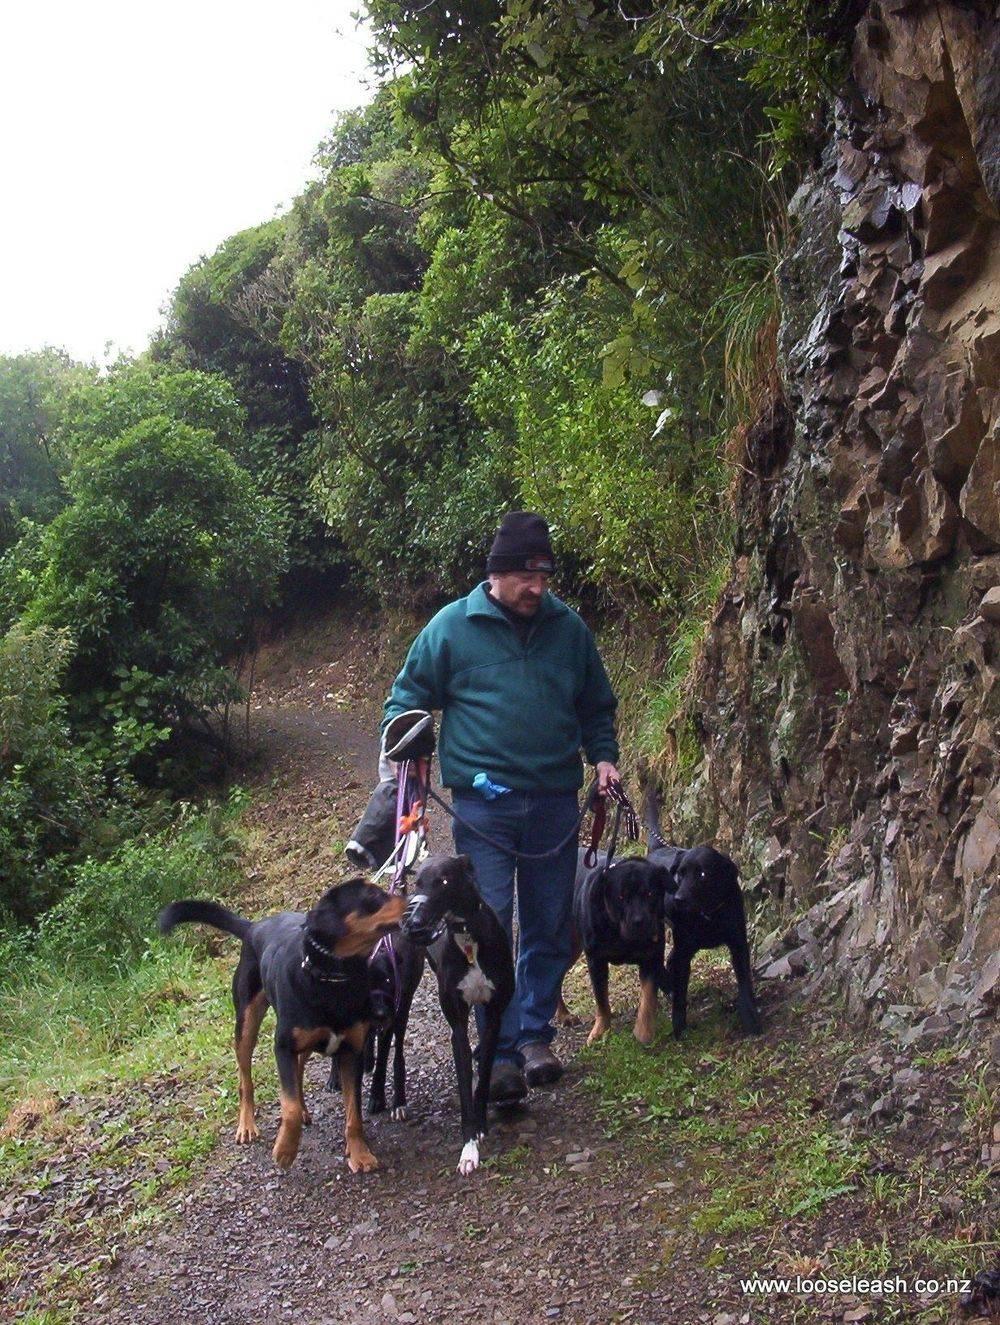 Newlands Dog Walker walking dogs along Lawsons Track, Seton Nossiter Park